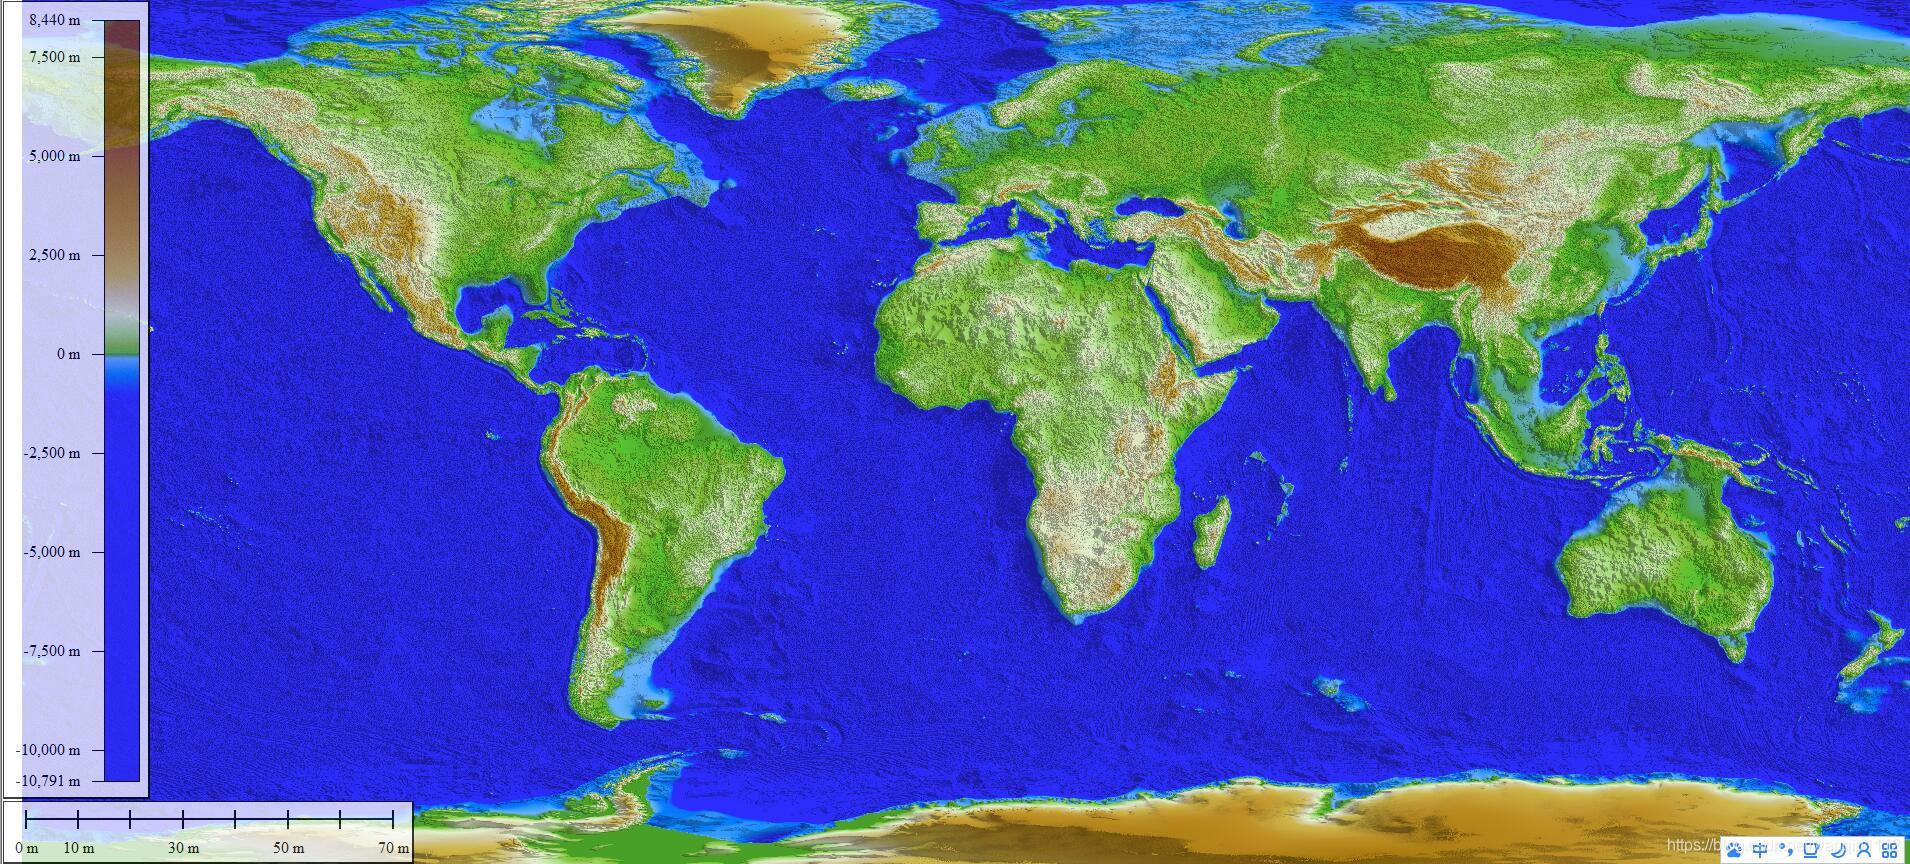 DEM高程数据生成的全球地形图